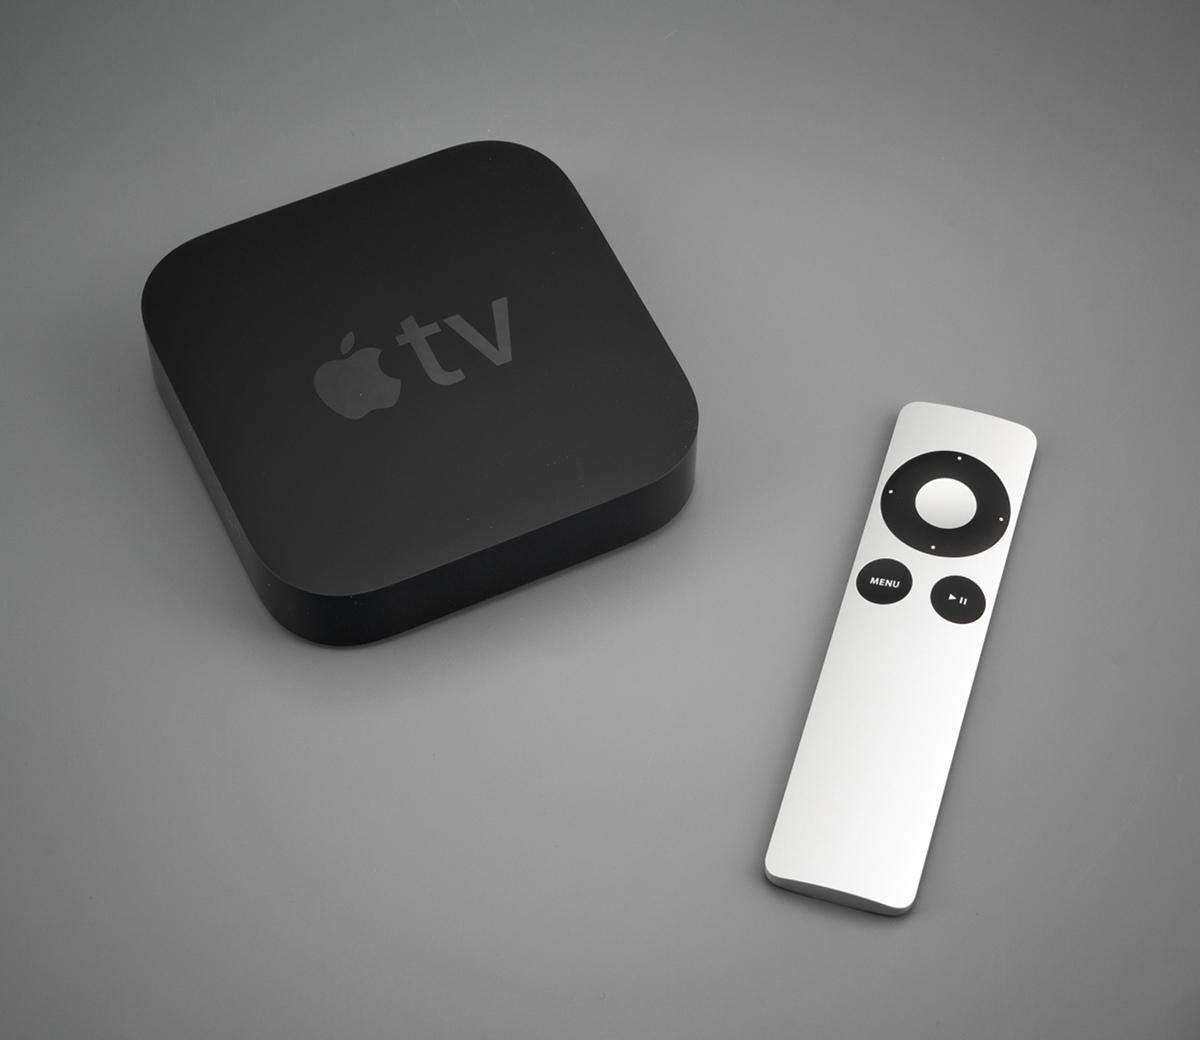 apple tv. Black Bedroom Furniture Sets. Home Design Ideas